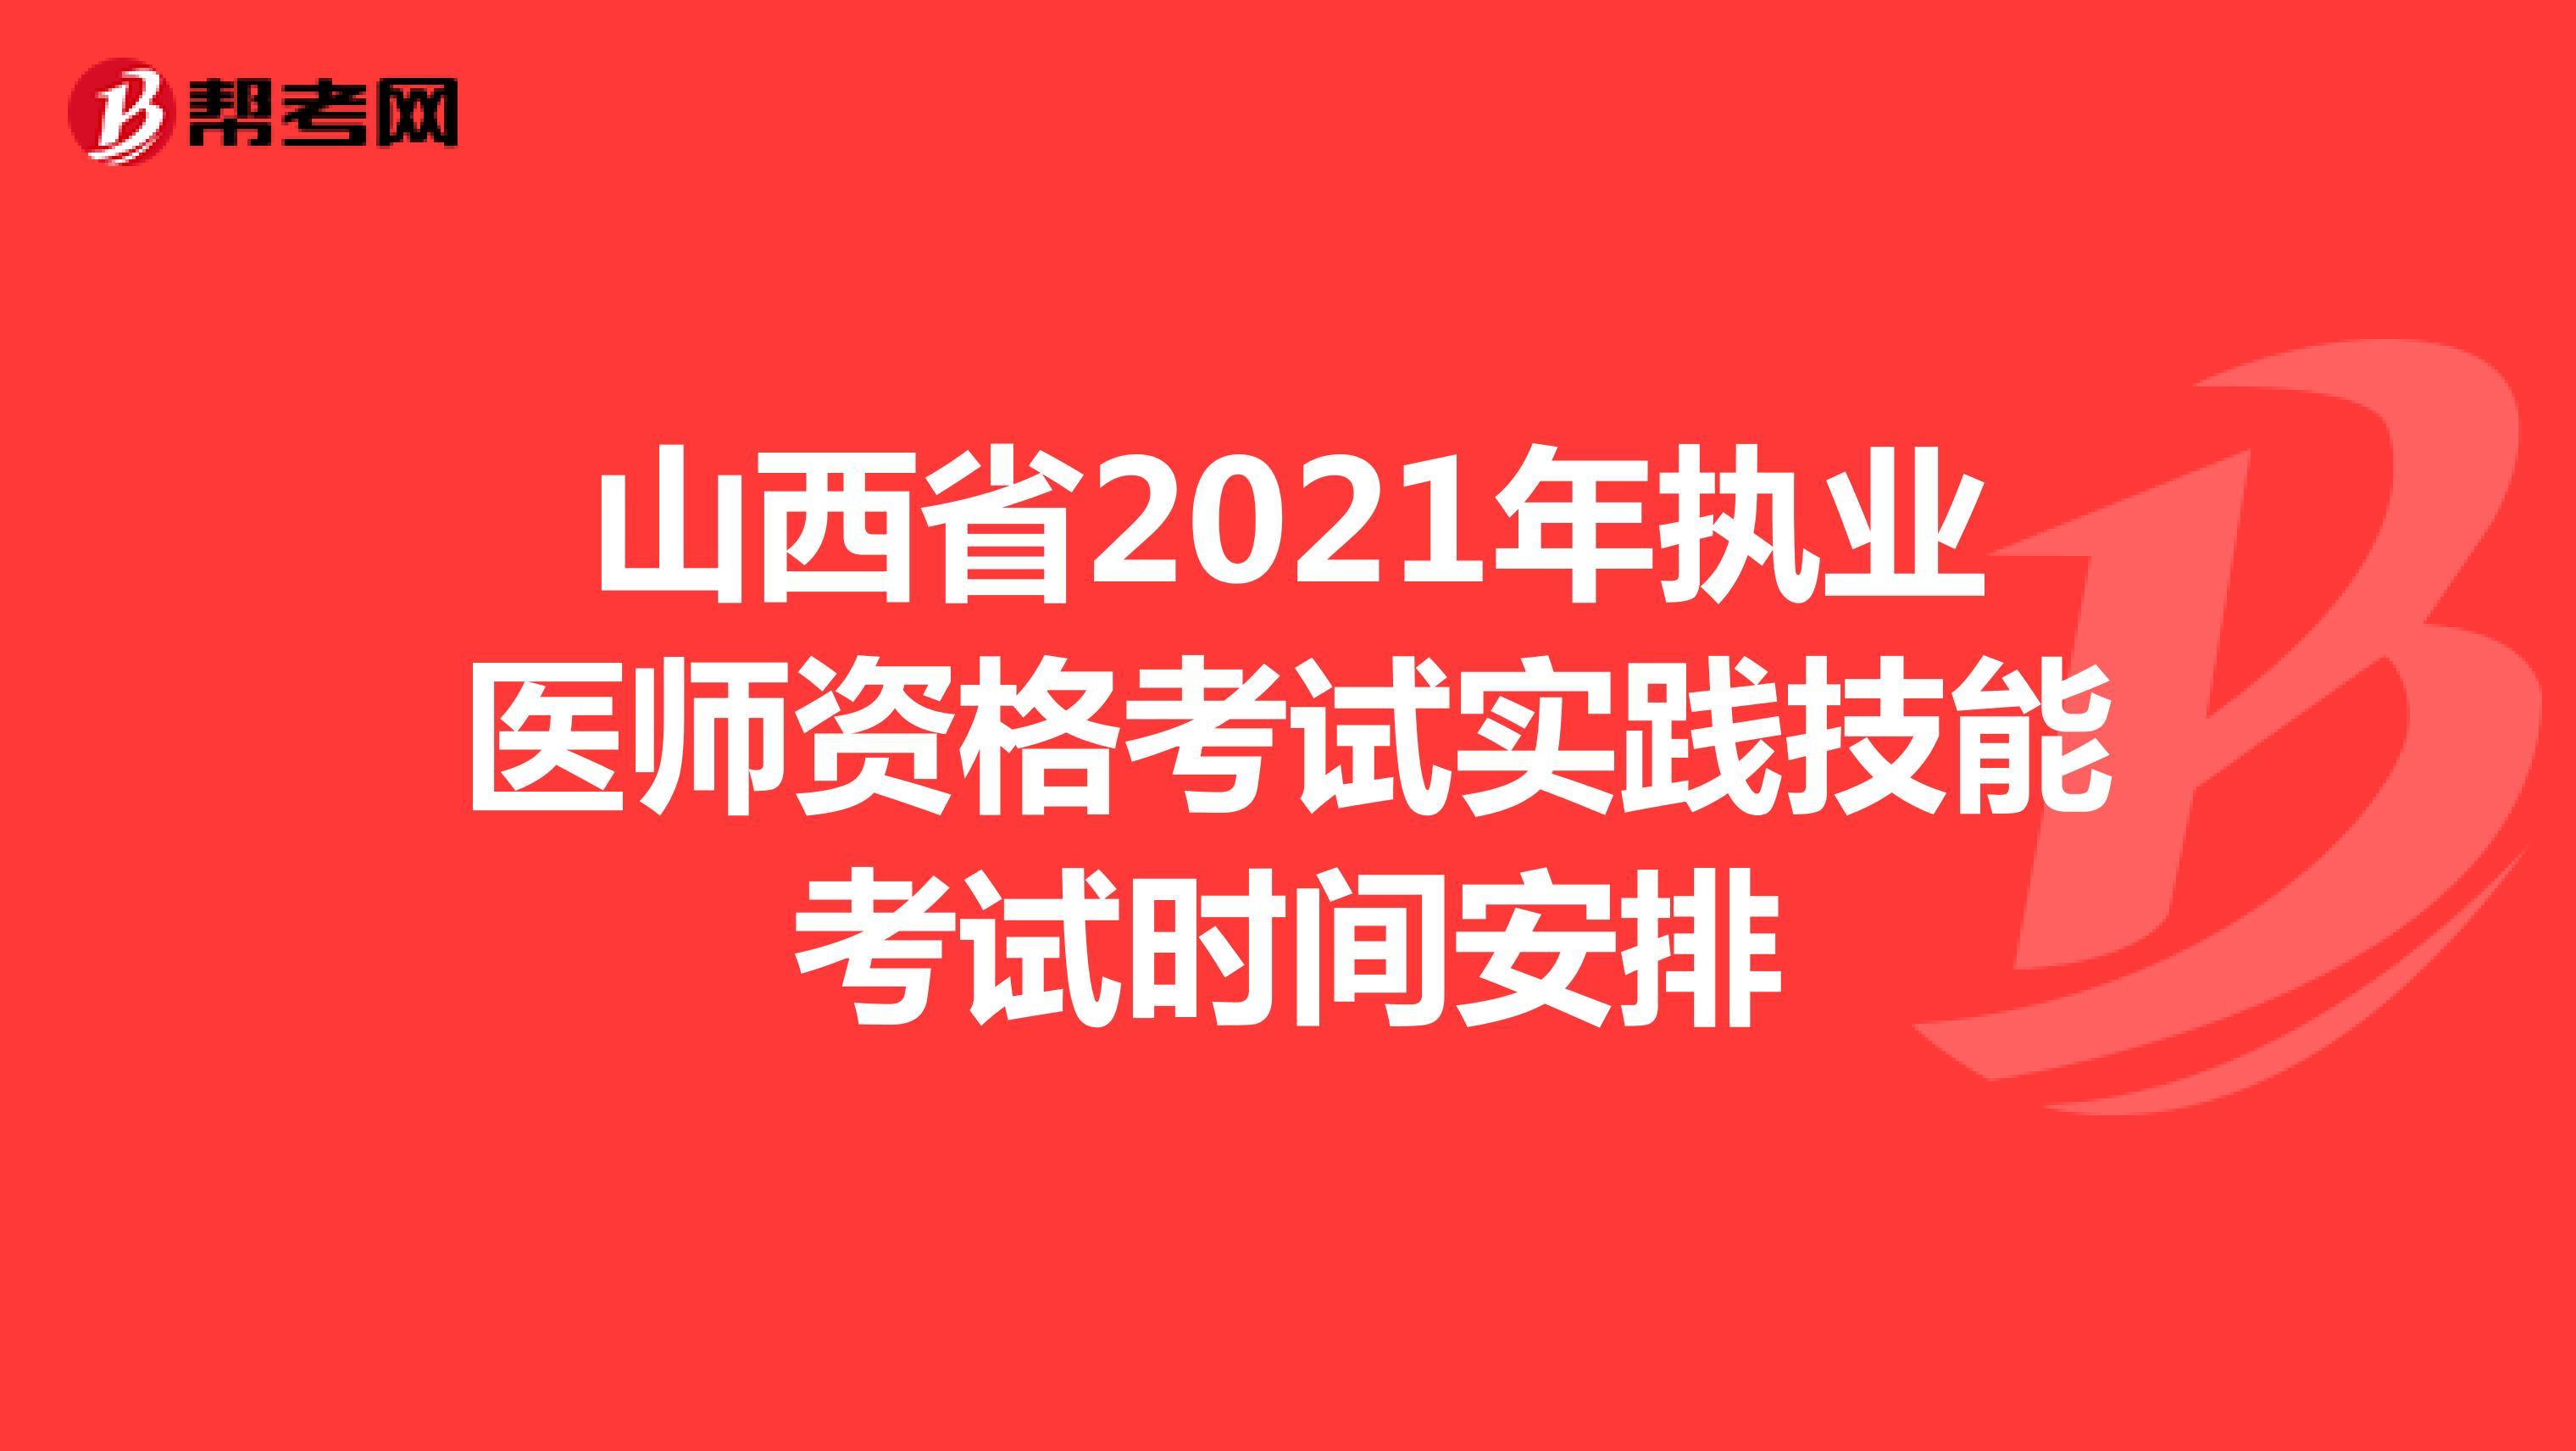 山西省2021年執業醫師資格考試實踐技能考試時間安排